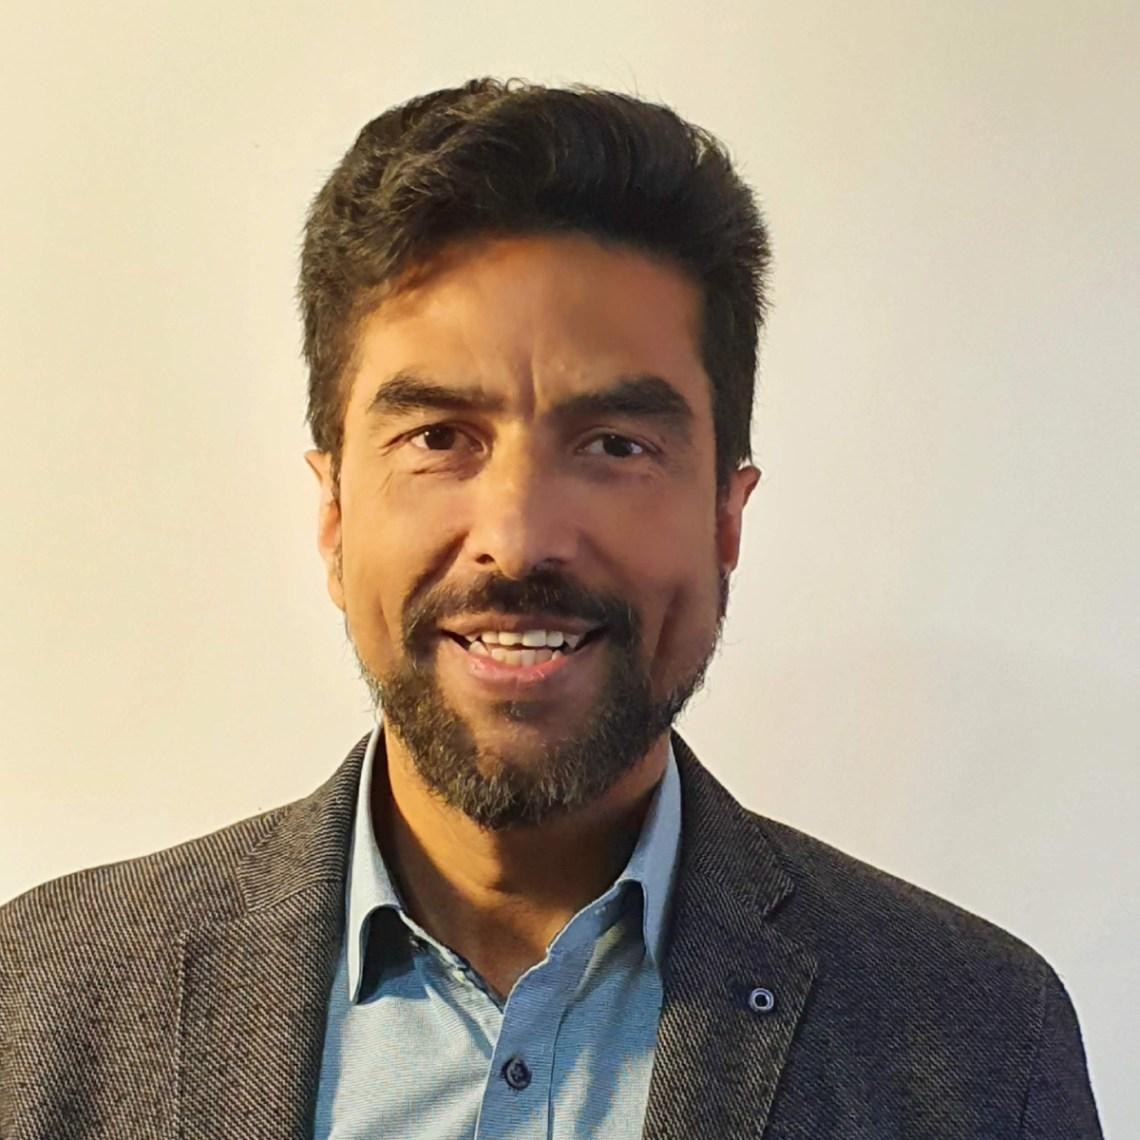 Germain RODRIGUEZ